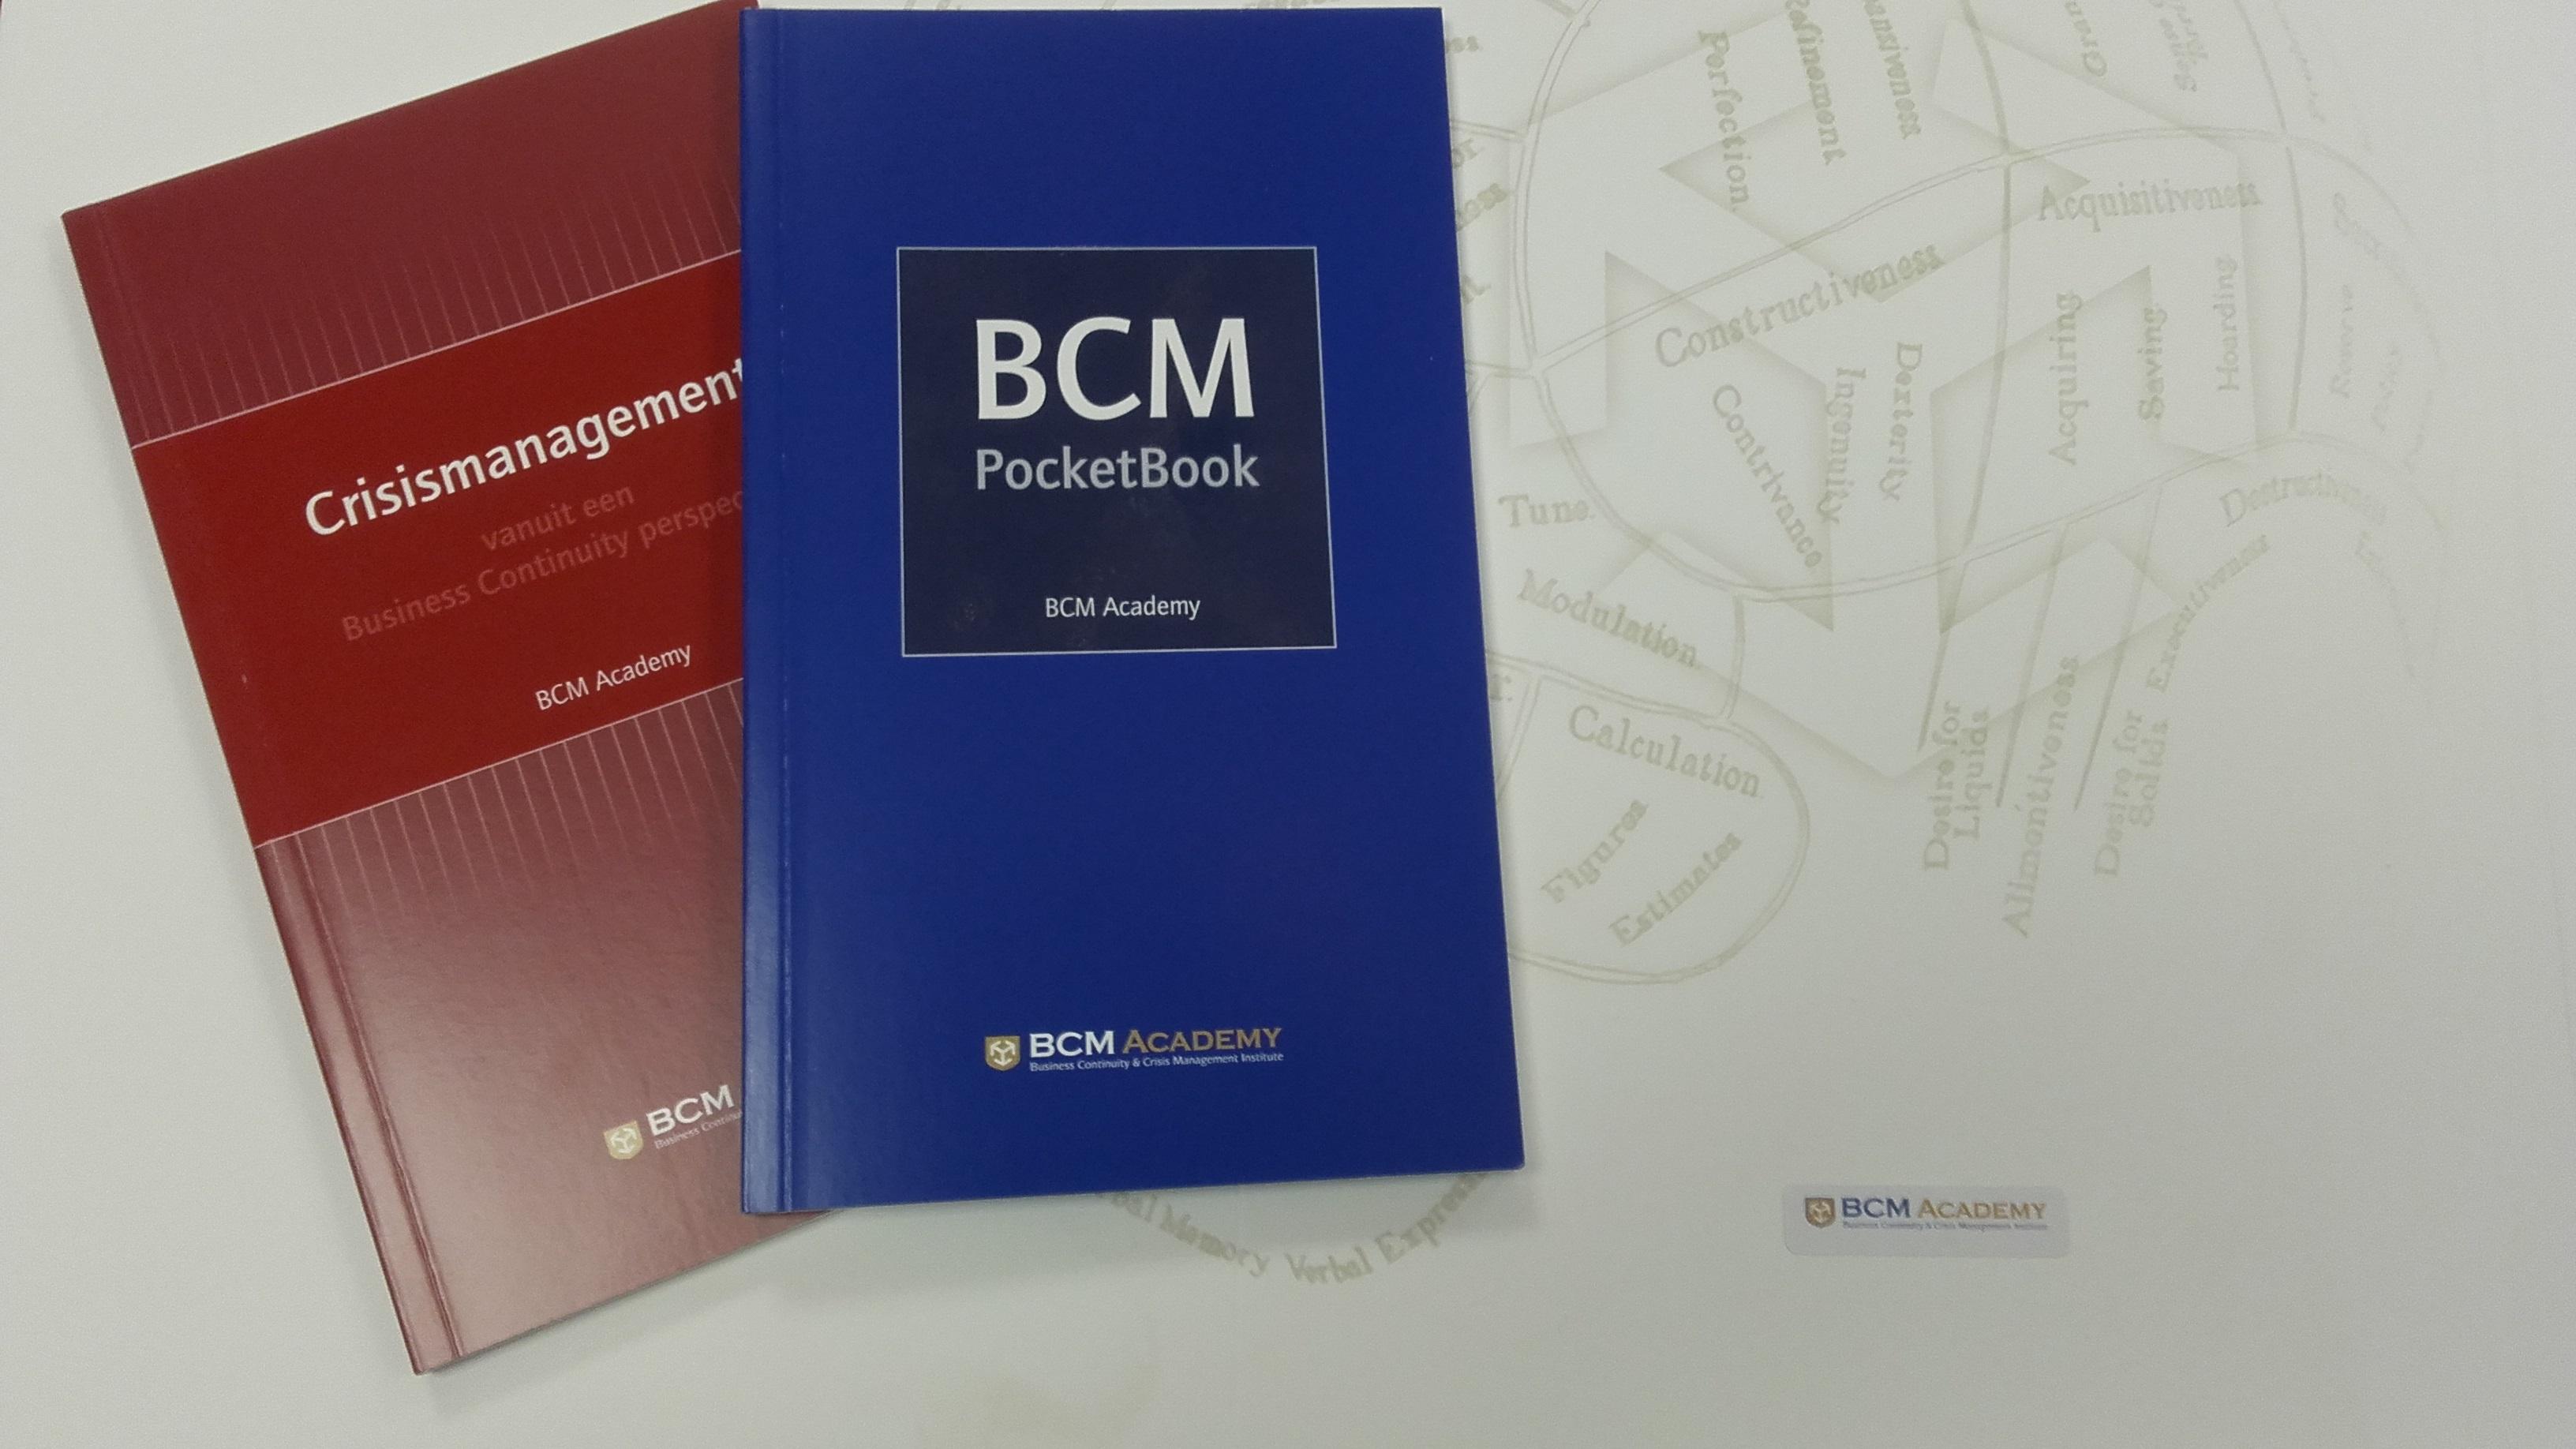 BCM%20Academy%20books.jpg